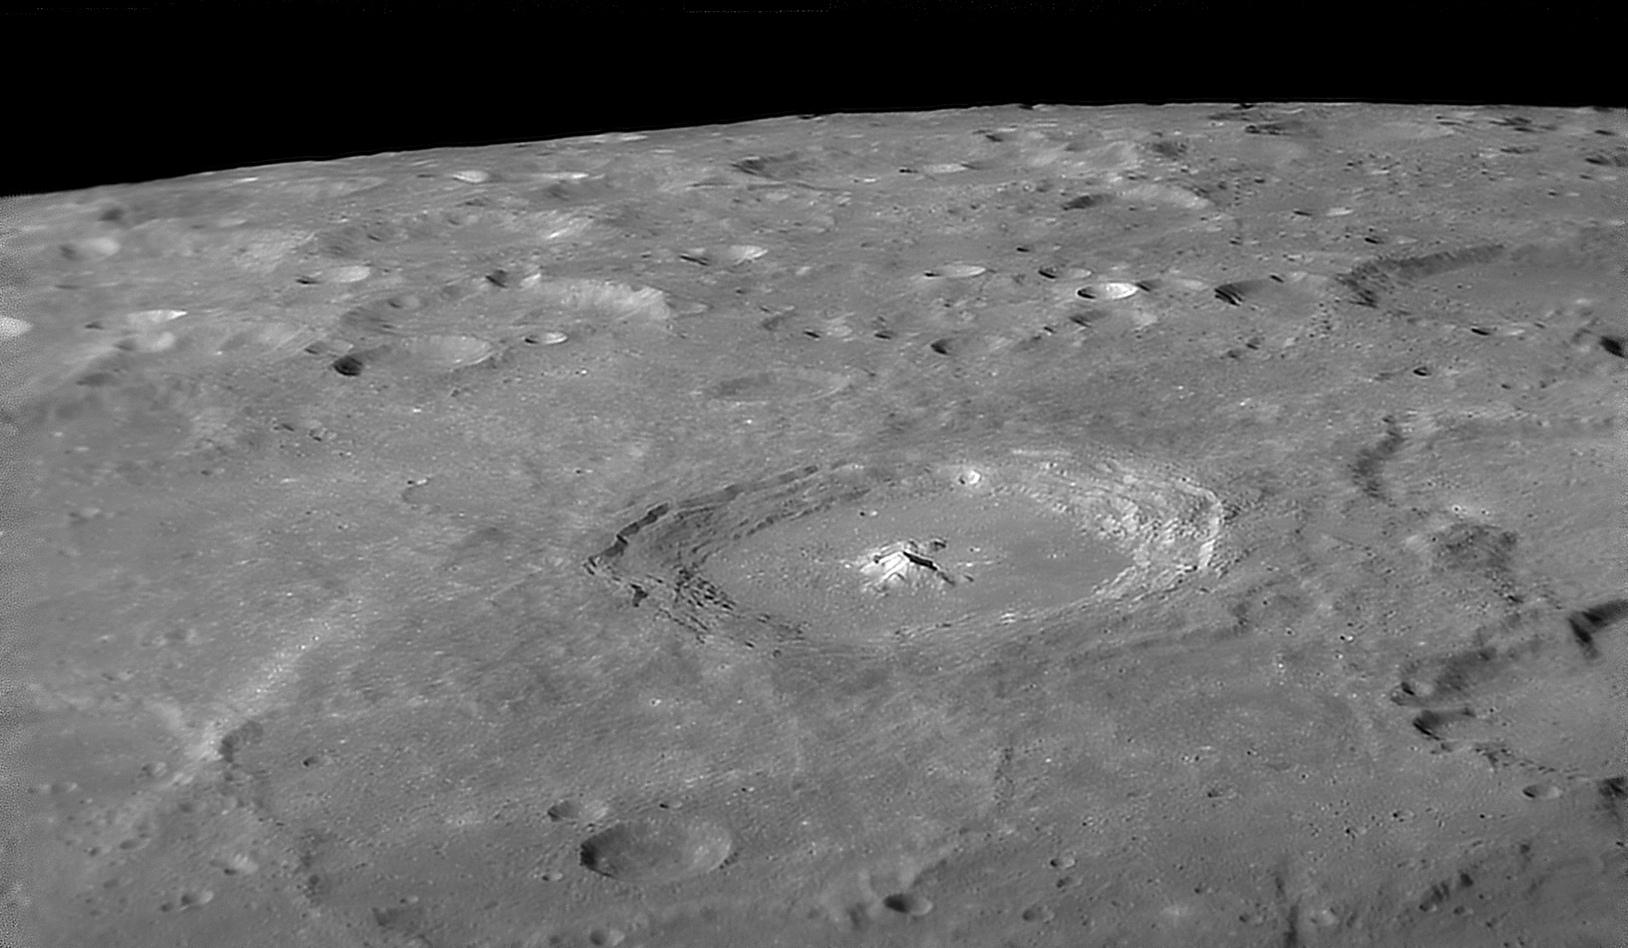 Lune 20/09/2019 Bastia C14 : Pythagore